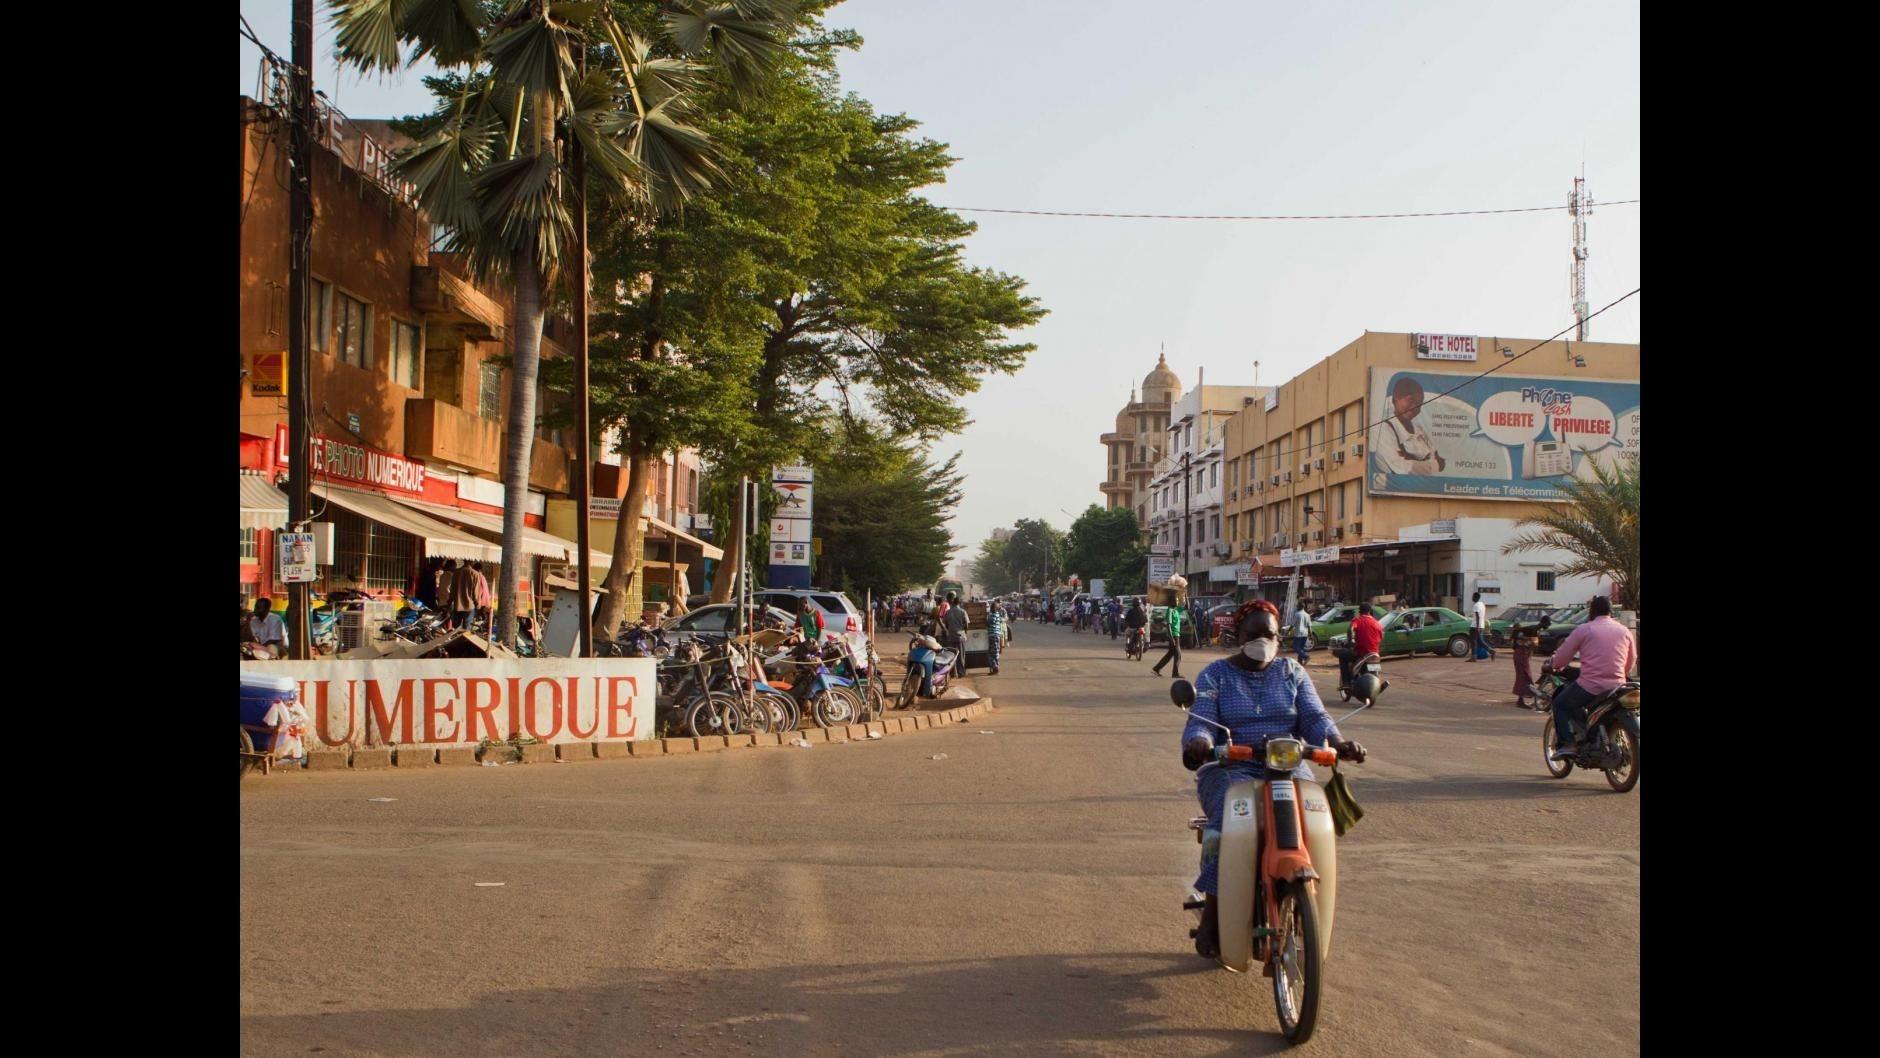 Burkina Faso, represse proteste contro golpe: un morto, diversi feriti